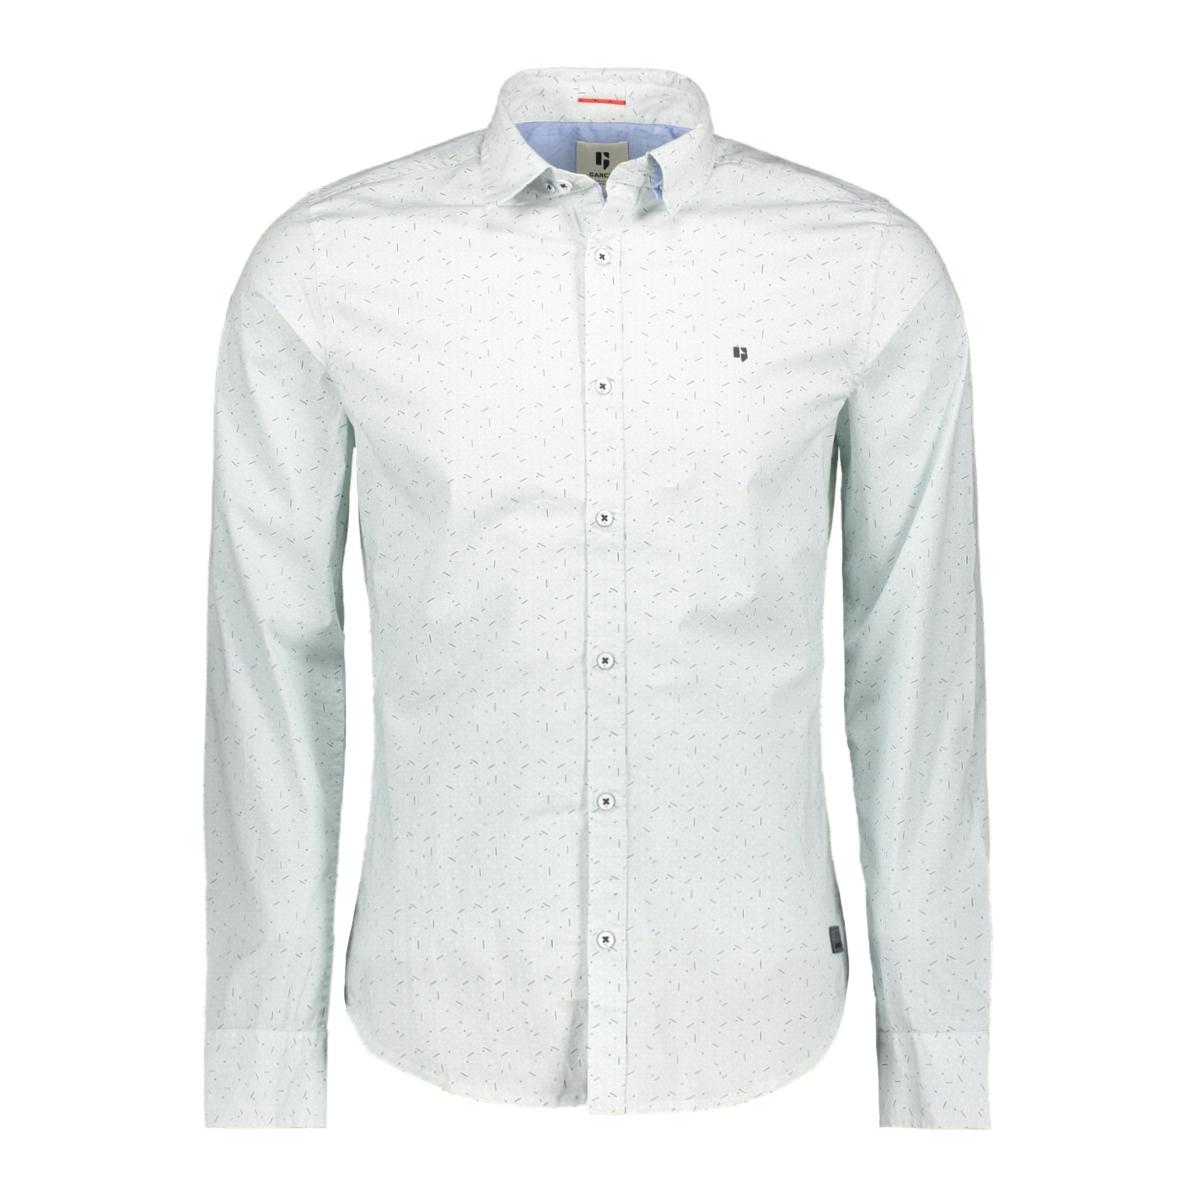 overhemd met all over print g91026 garcia overhemd 50 white